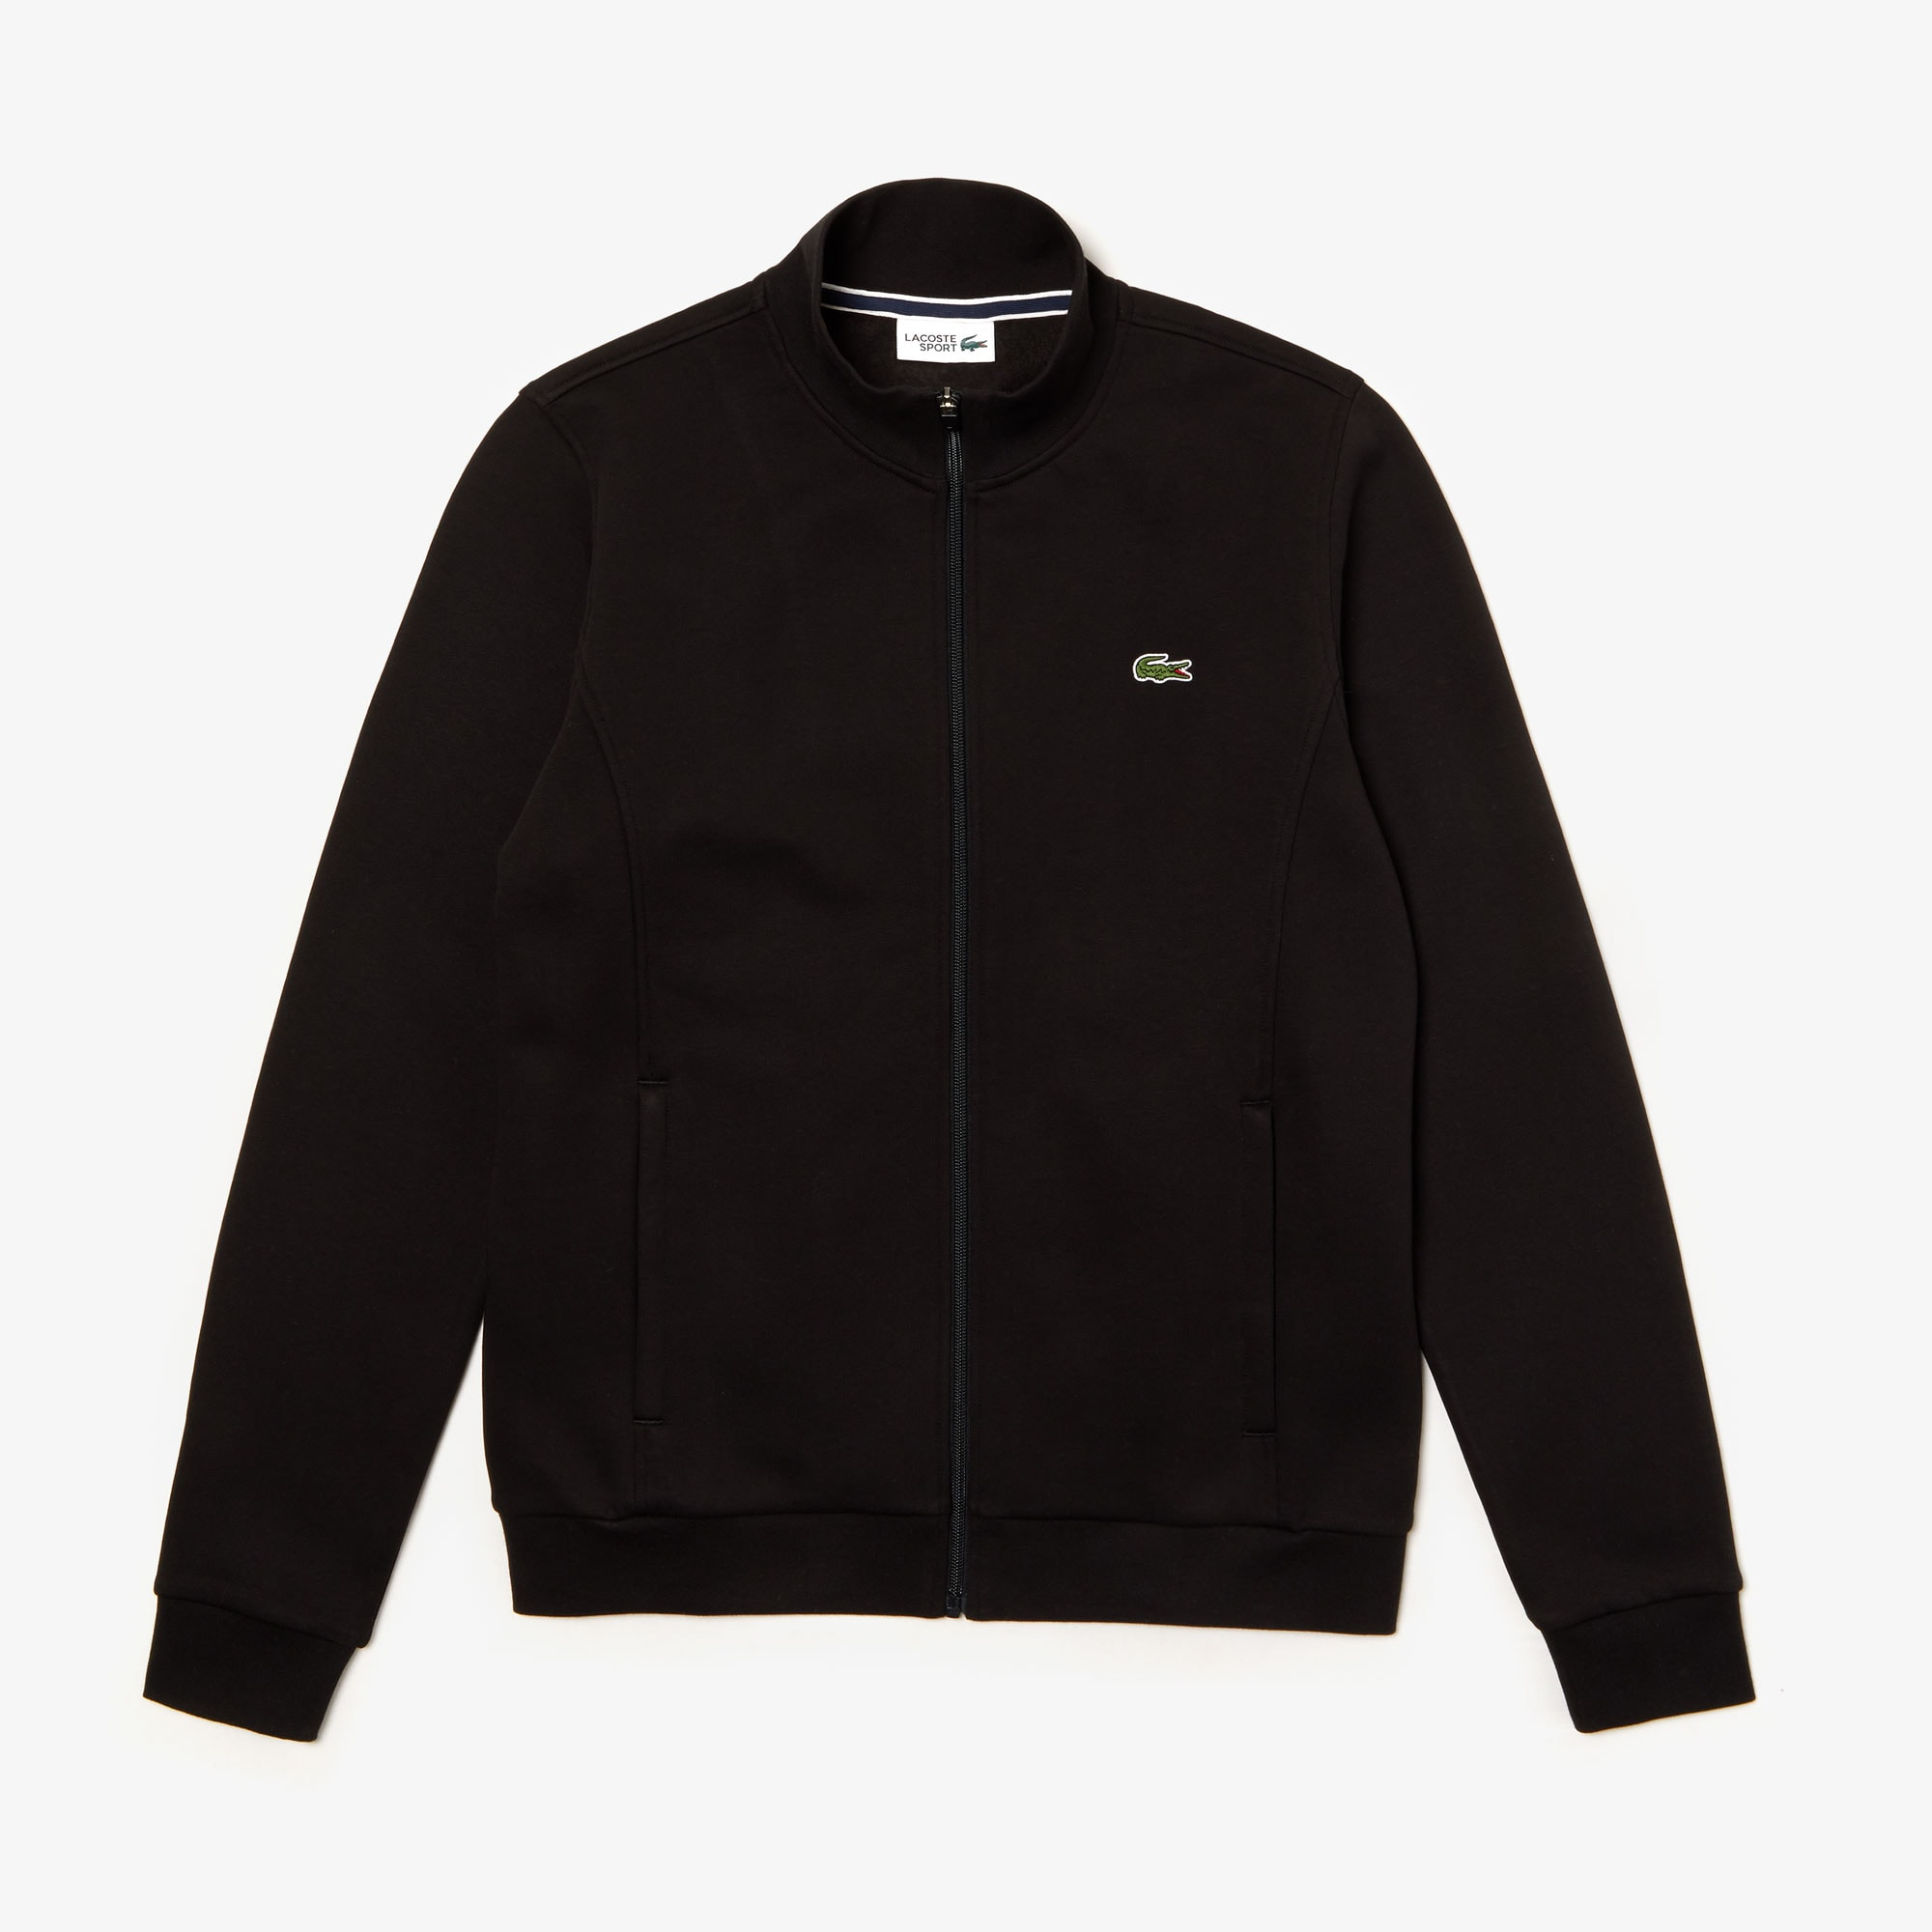 Men's Lacoste SPORT zip-up fleece sweatshirt